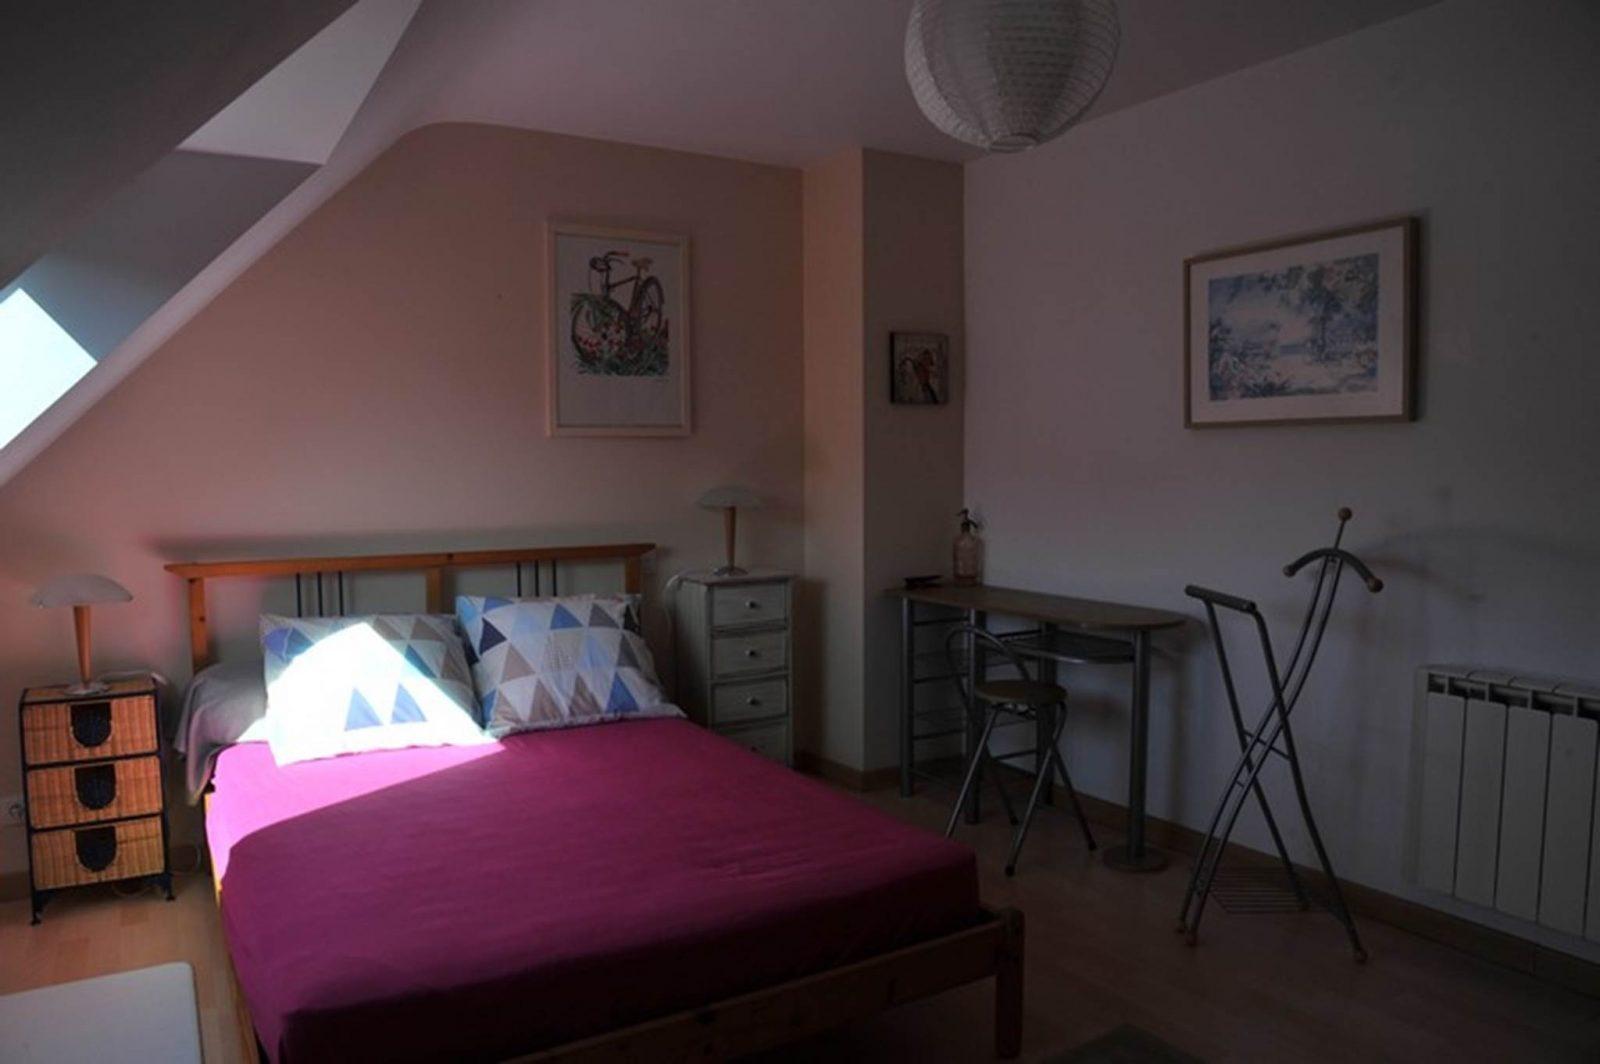 Chambres d'hôtes Soulenq guy-Billiers-DLRBT